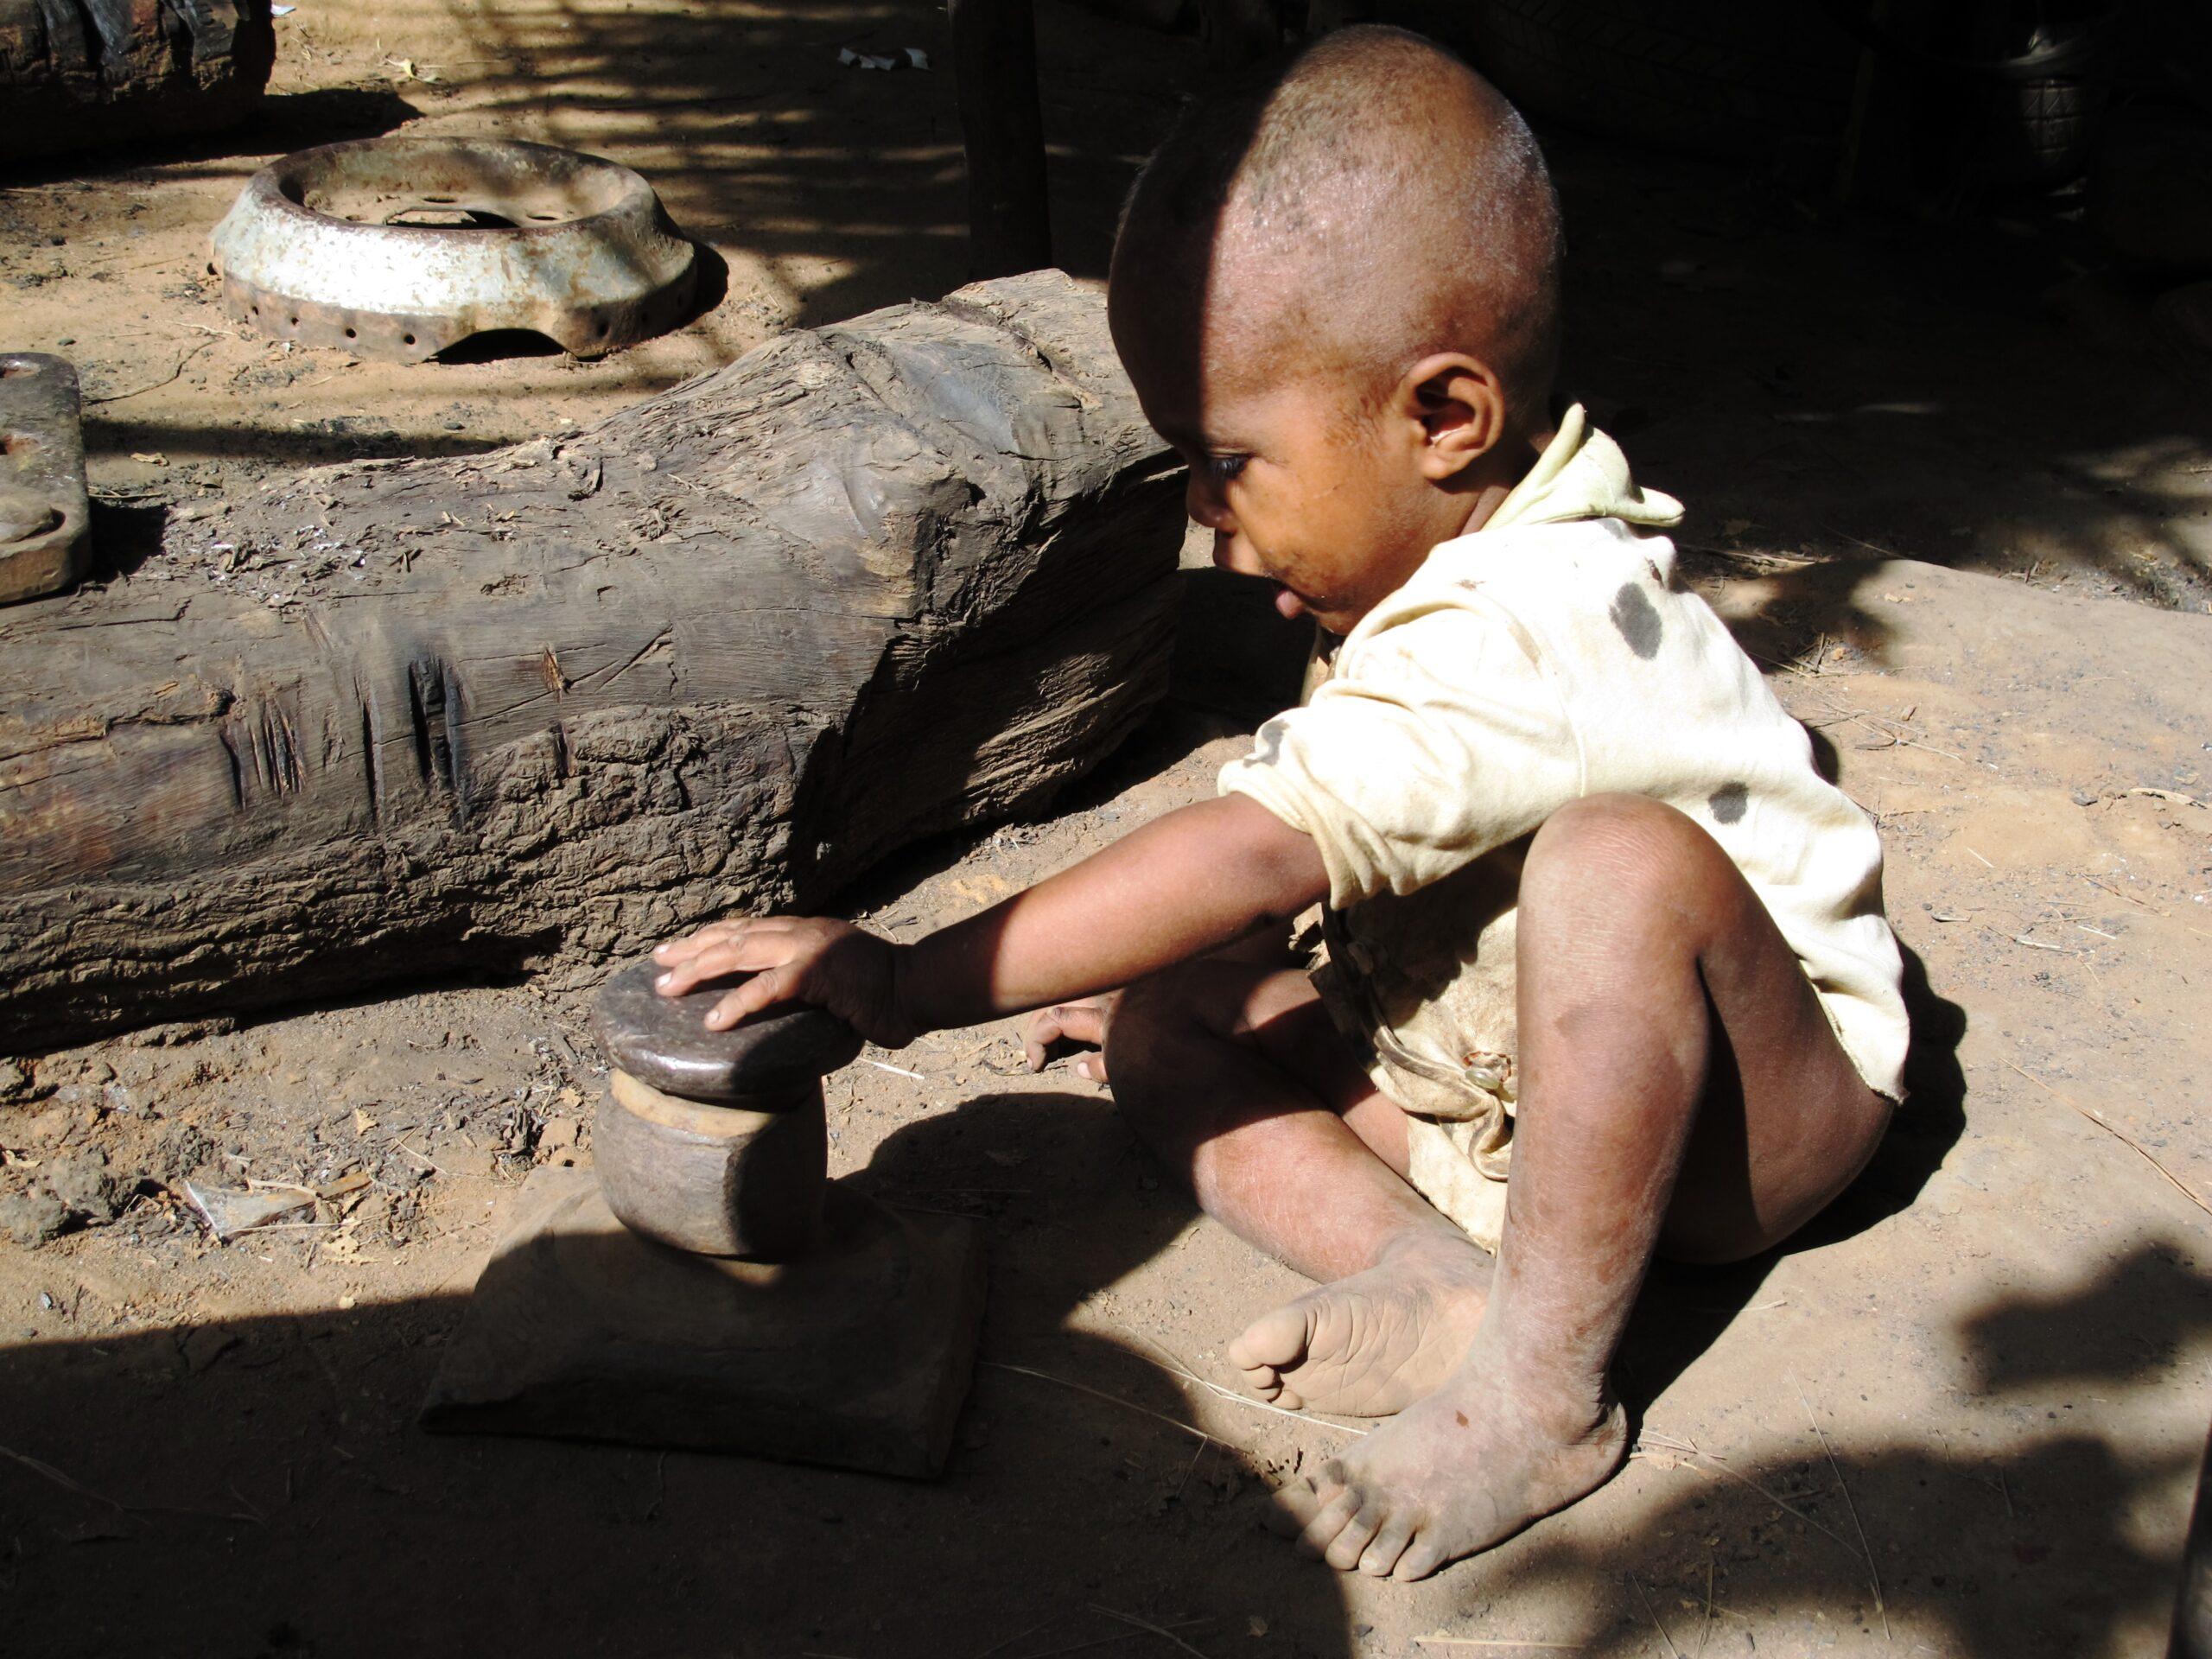 Le grand sud de Madagascar serait la première région géographique directement impactée par le changement climatique. Les équipes d'MSF interviennent pour mettre en place des programmes médico-nutritionnels dans une région ou plus d'un demi-million d'enfants de moins de 5 ans pourraient souffrir de malnutrition aigüe.  - Photo : Jérémie Thirion